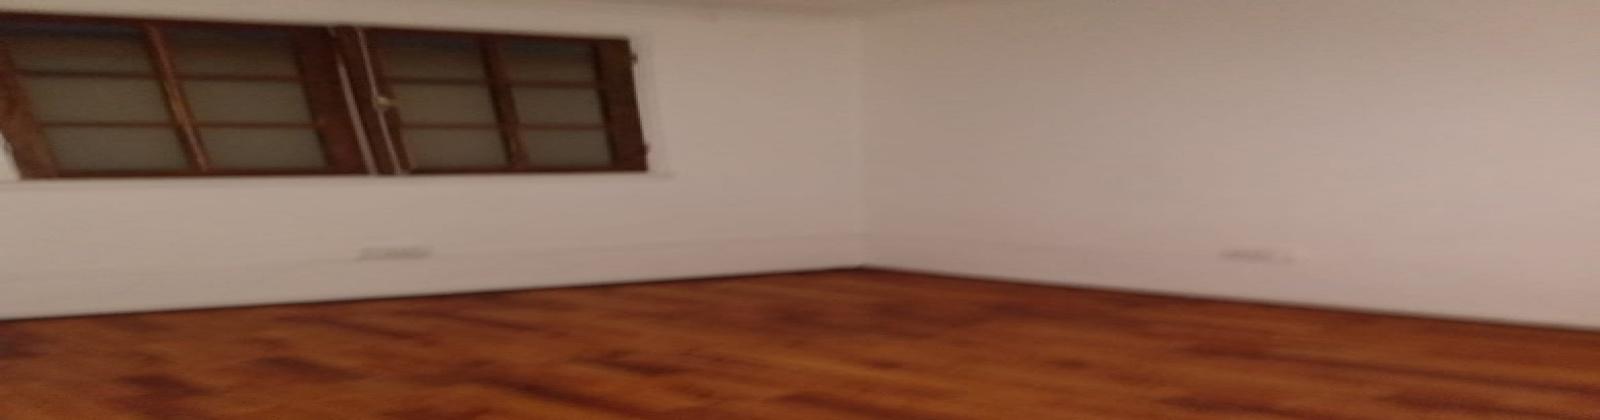 455 Arzobispo Gonzalez, Santiago, R. Metropolitana, 12 Habitaciones Habitaciones, ,8 BathroomsBathrooms,Casa,Arriendo,Arzobispo Gonzalez,1072